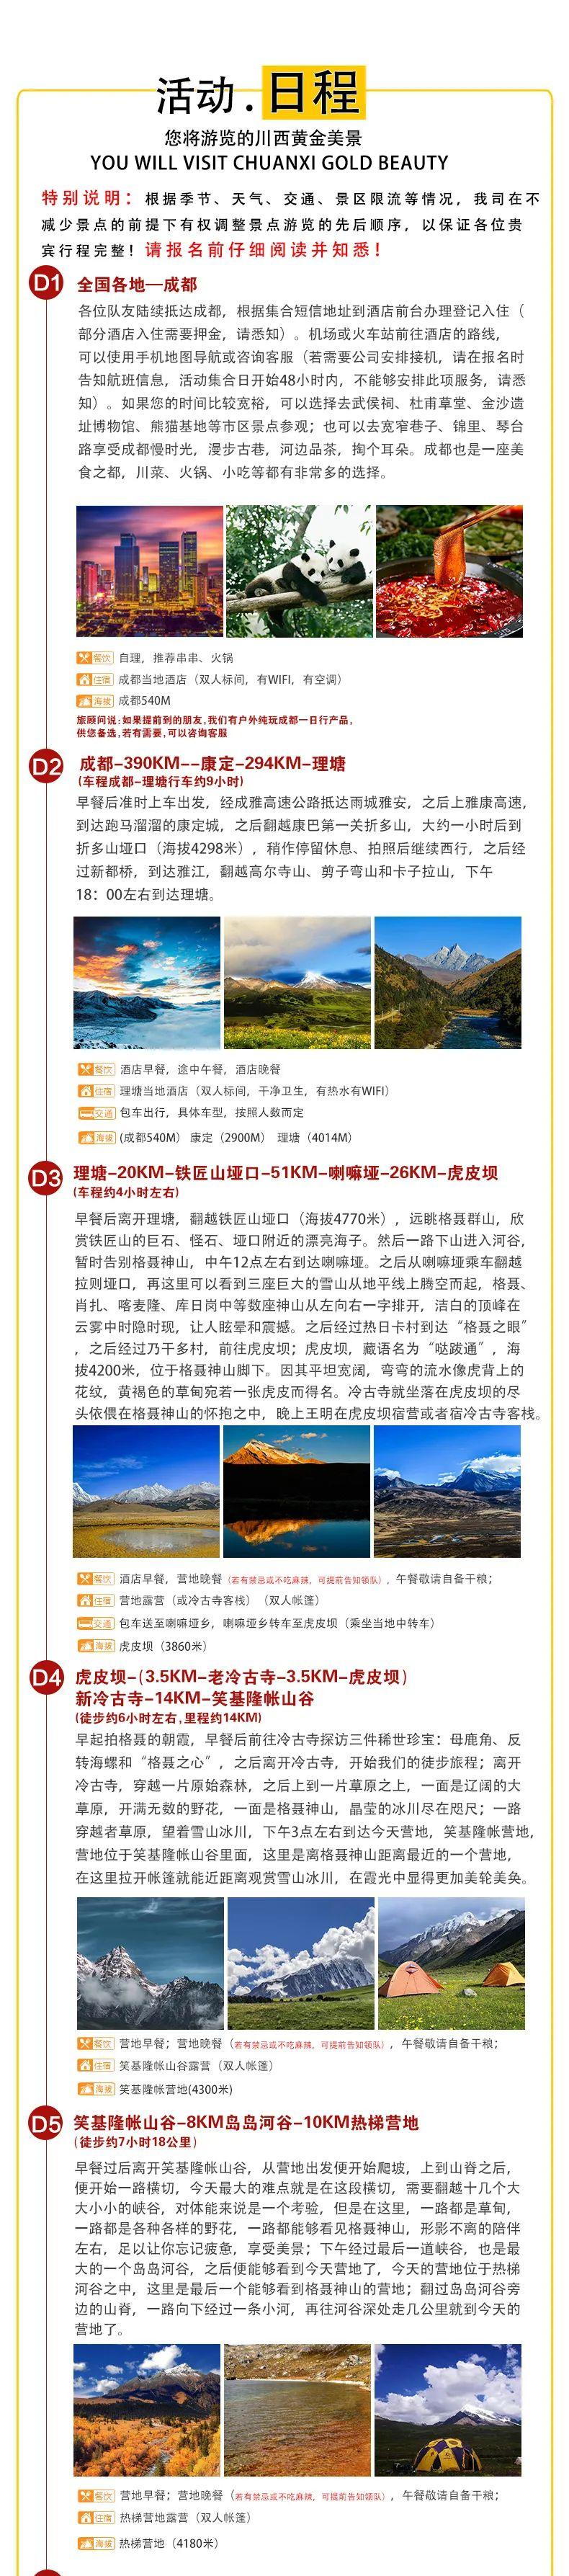 (8)2020【格聂转山】沉睡的雪莲+格聂大环线徒步穿越11日游-户外活动图-驼铃网